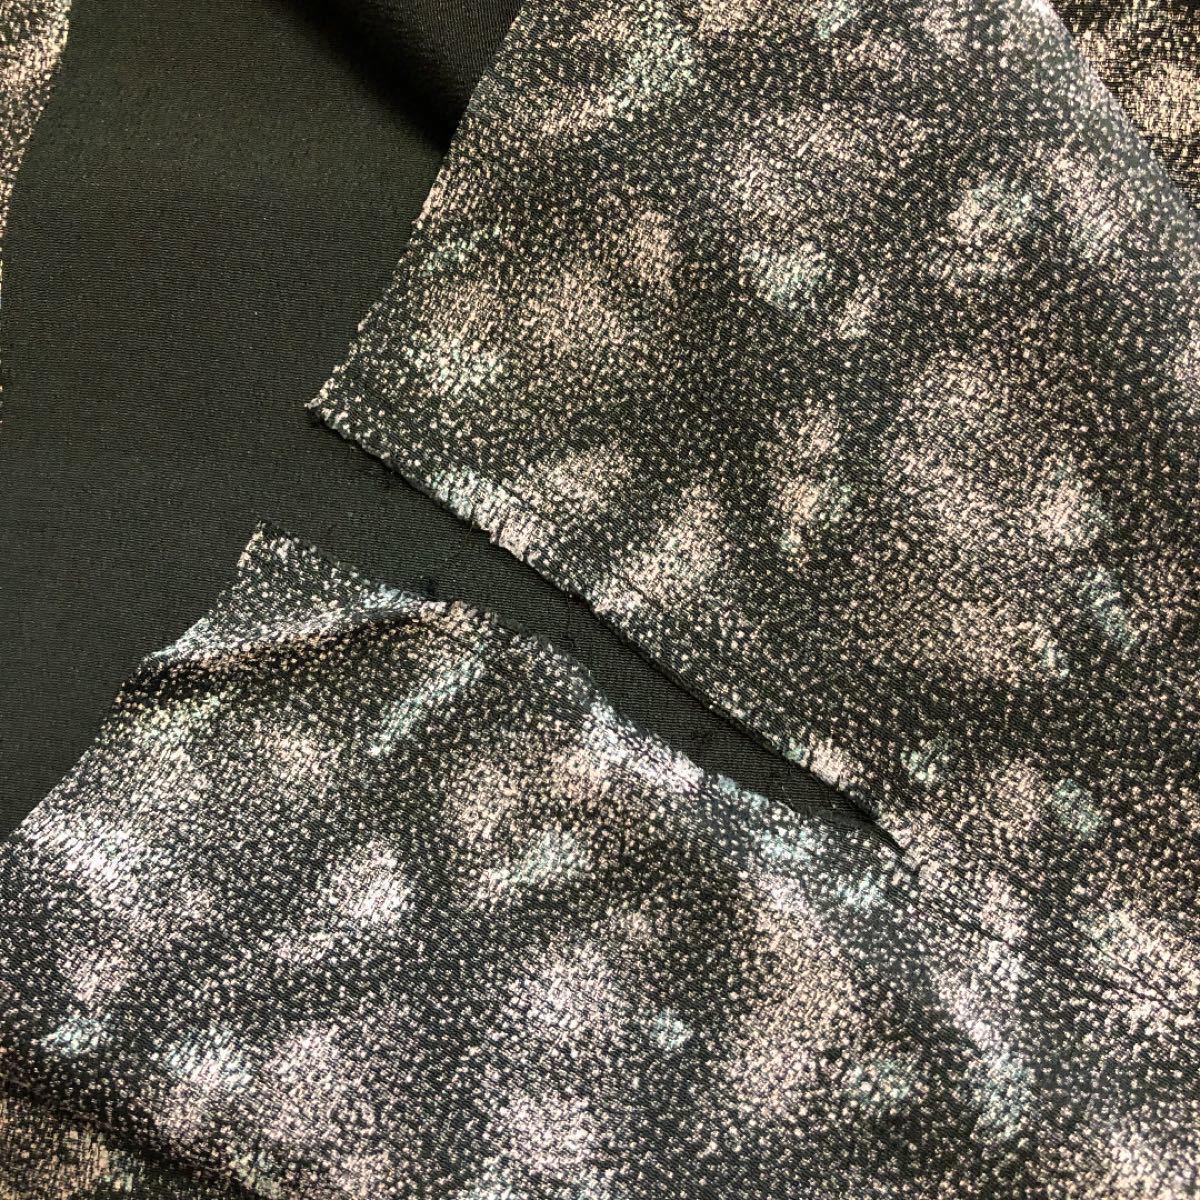 着物 反物 はぎれ 紫系2 和装小物 バッグ インテリア等リメイク用 着物リメイク ハンドメイド素材 パッチワーク つまみ細工